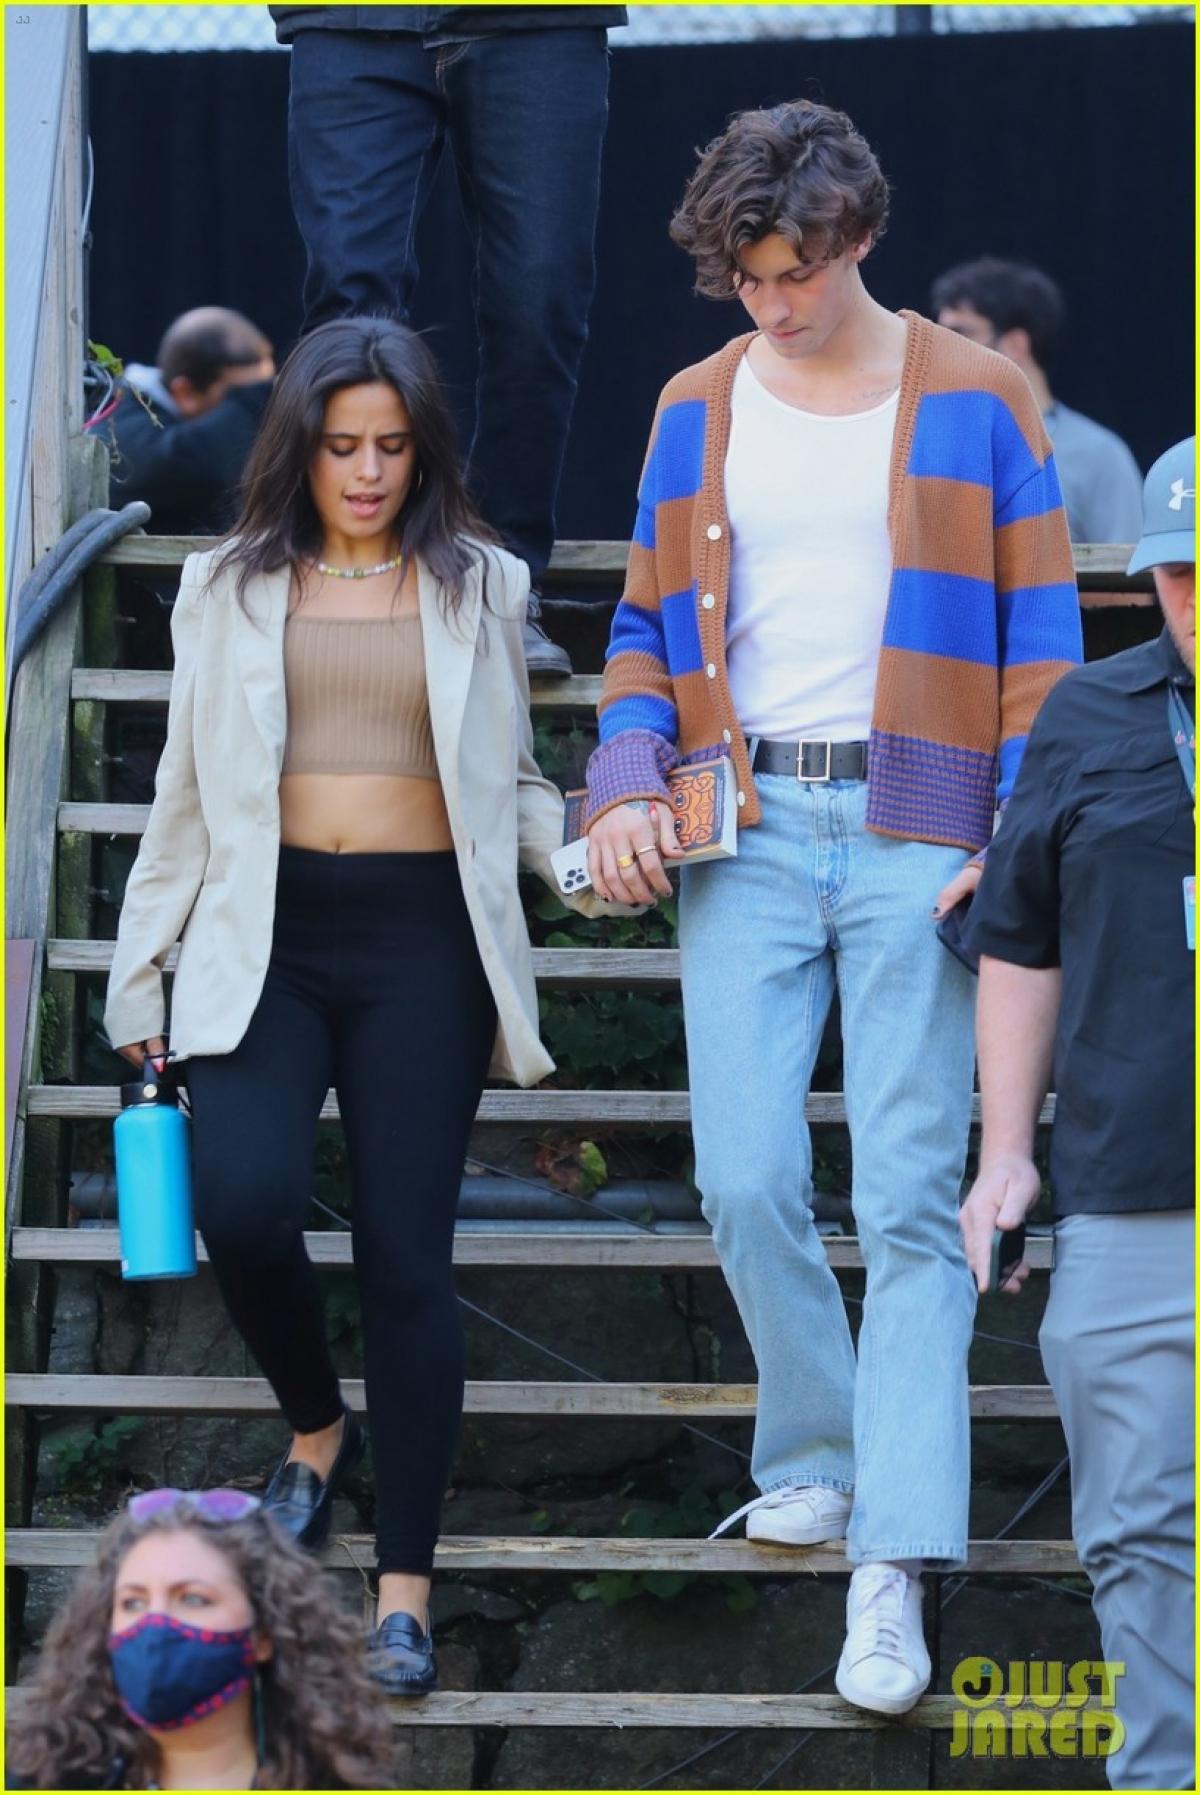 Ngày 24/9 tại New York, Camila Cabello và Shawn Mendes được nhìn thấy cùng nhau ra về sau buổi diễn tập chuẩn bị cho Ngày hội công dân toàn cầu.